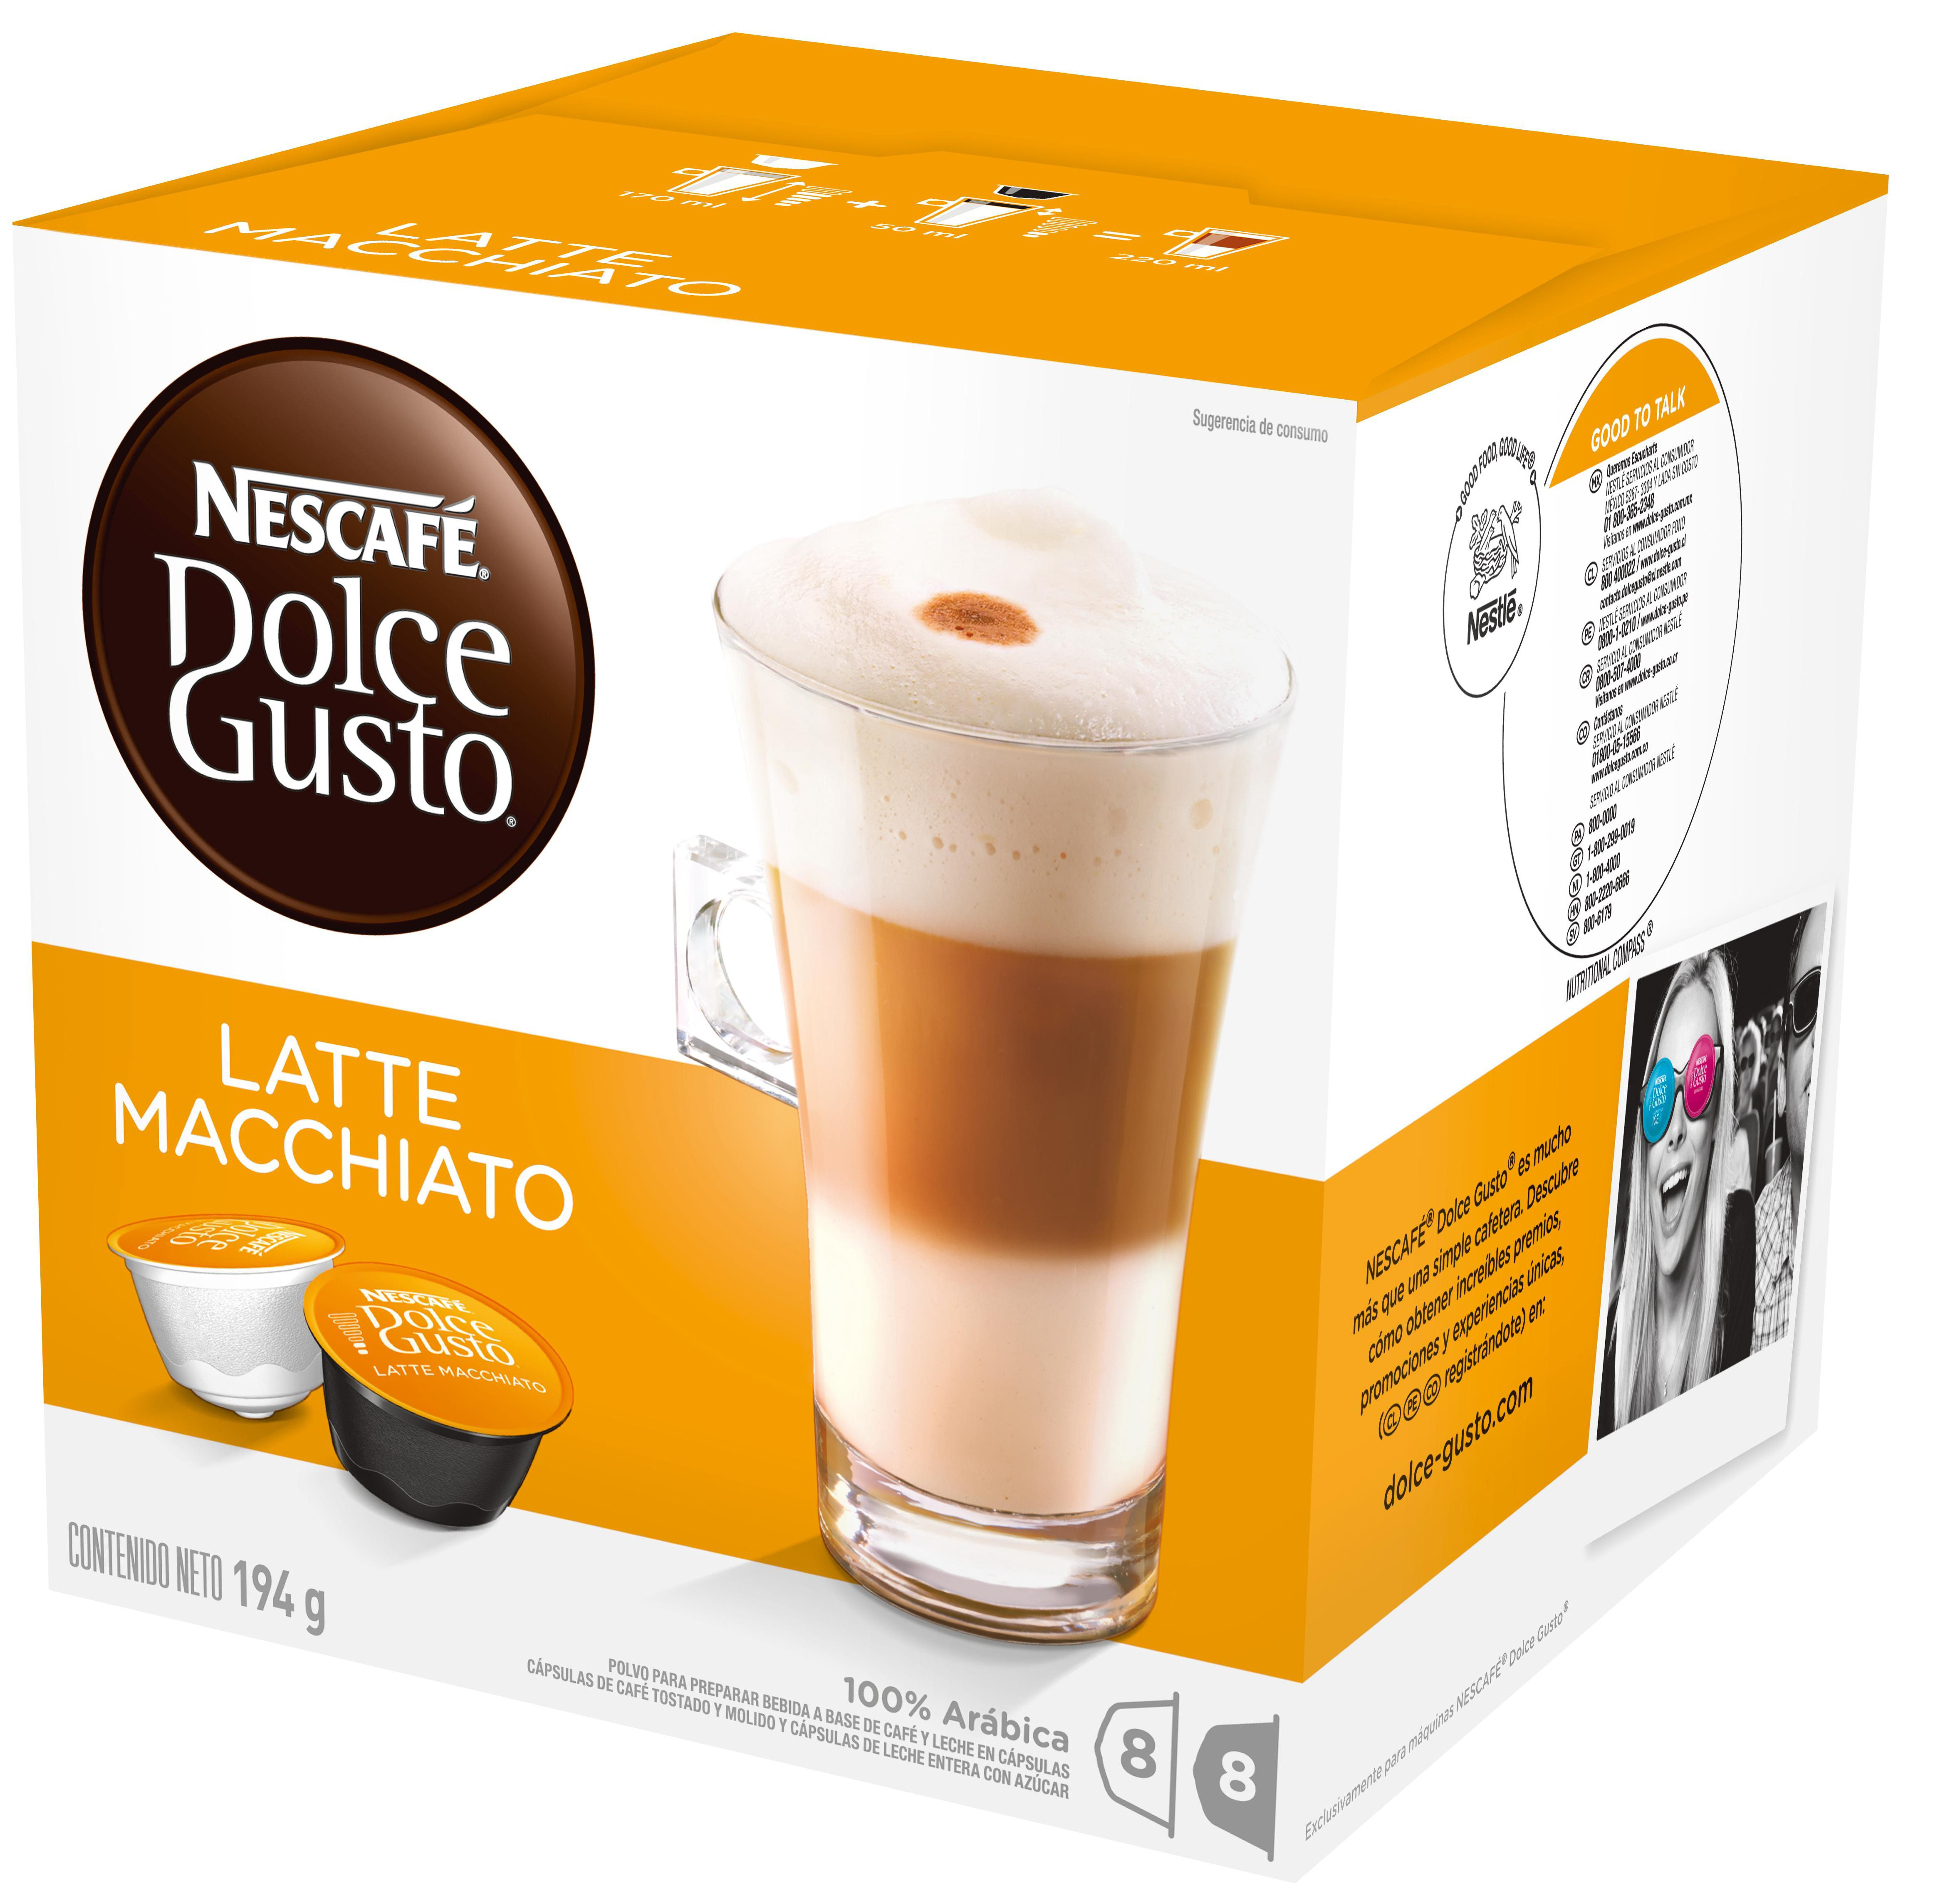 Nescafé Dolce Gusto Latté Macchiatto